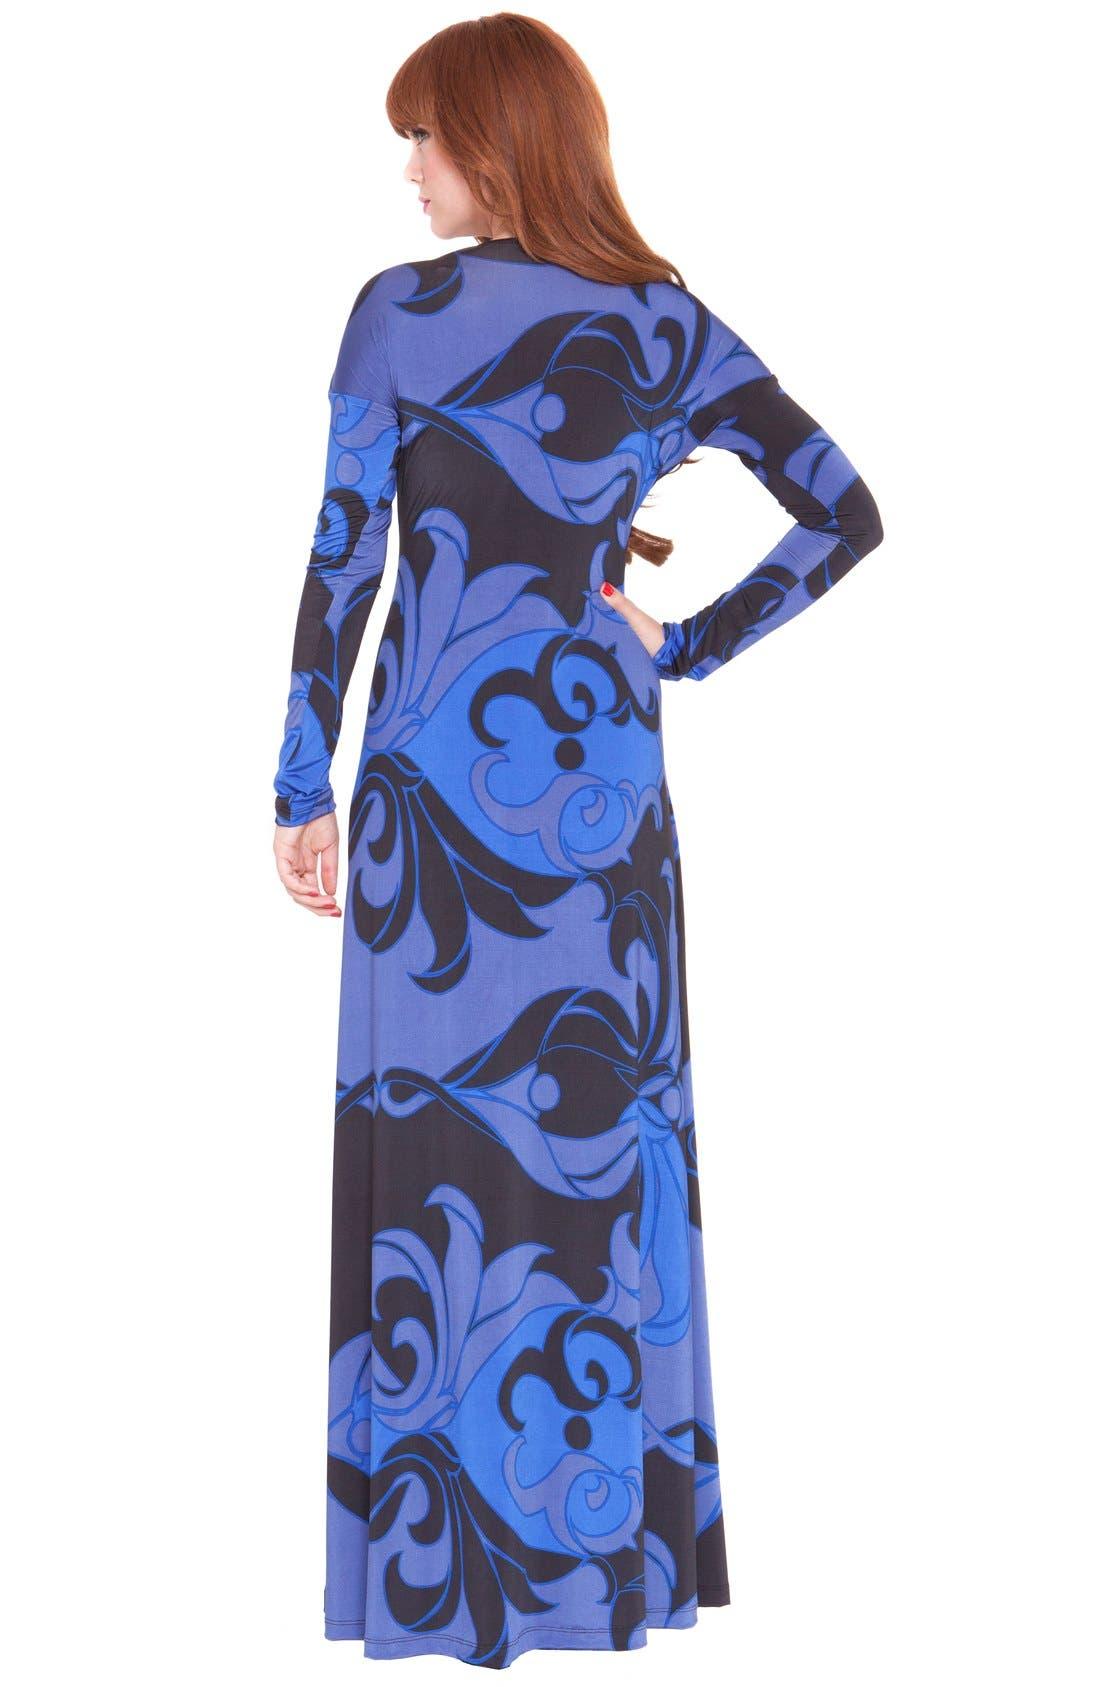 'Katherine' Print Maternity Maxi Dress,                             Alternate thumbnail 2, color,                             BLUE